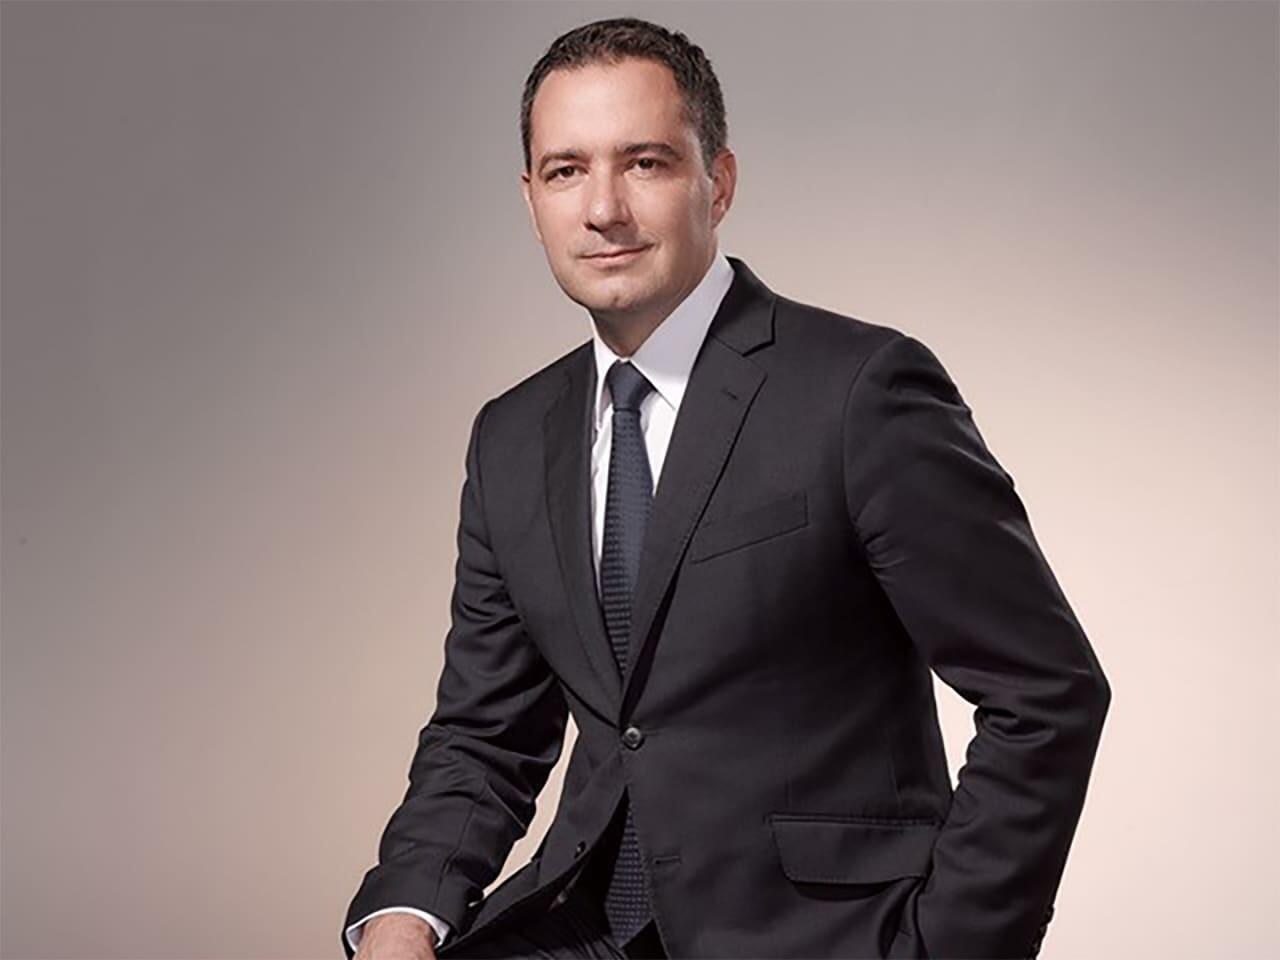 Julien Tornare, Zenithin toimitusjohtaja 1.5.2017 alkaen.